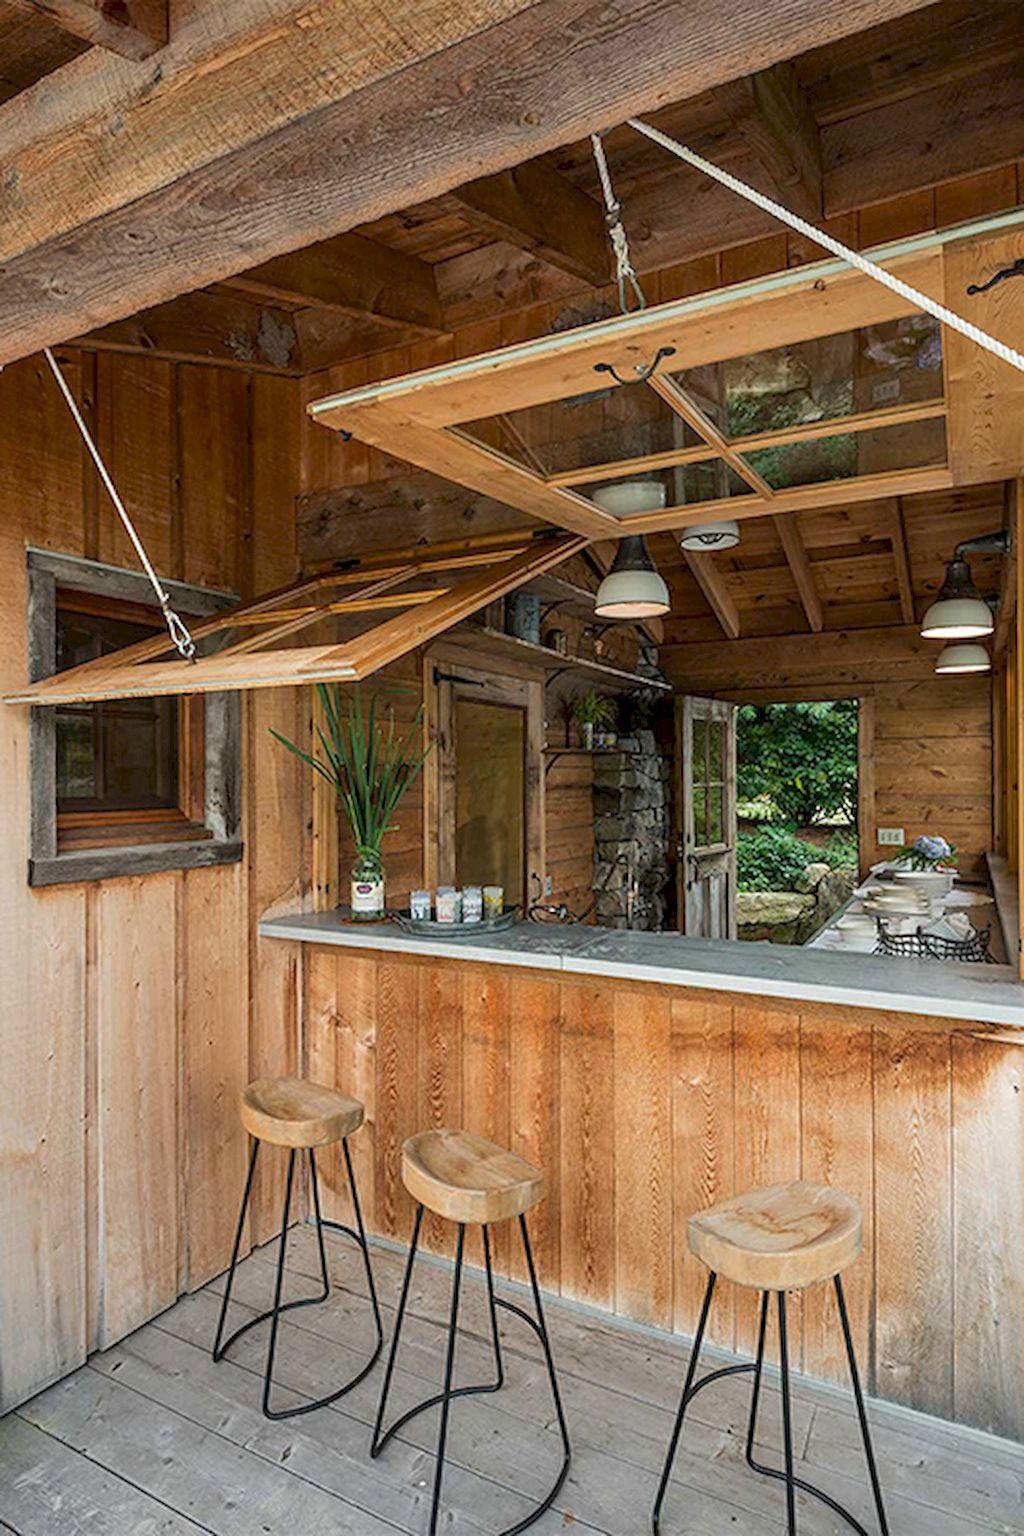 47 Incredible Outdoor Kitchen Design Ideas On Backyard Outdoor Kitchen Bars Outdoor Kitchen Design Backyard Bar